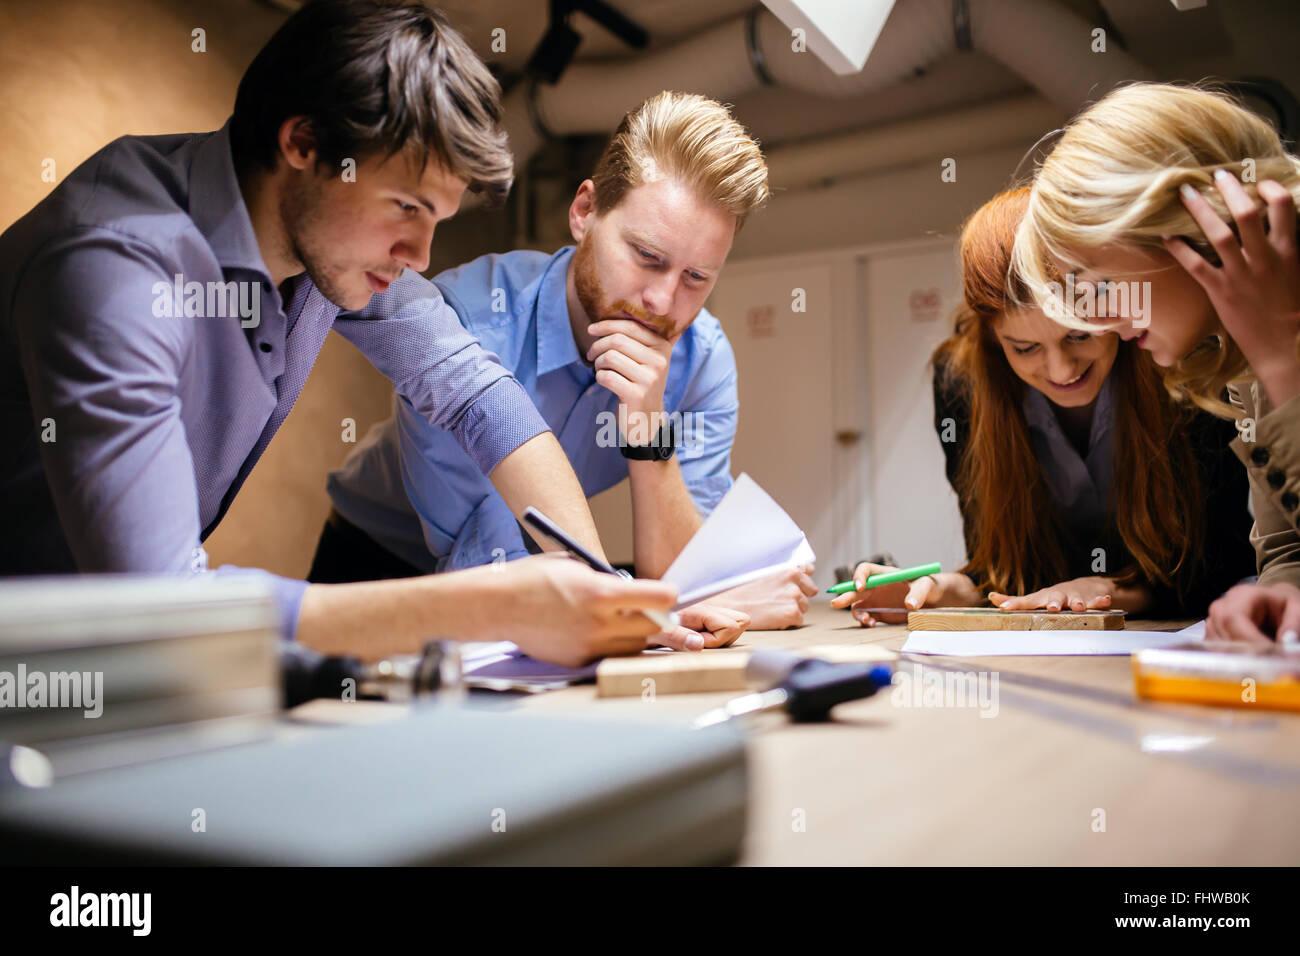 Gruppe von kreativen brainstorming und arbeitet an einem Projekt Stockbild